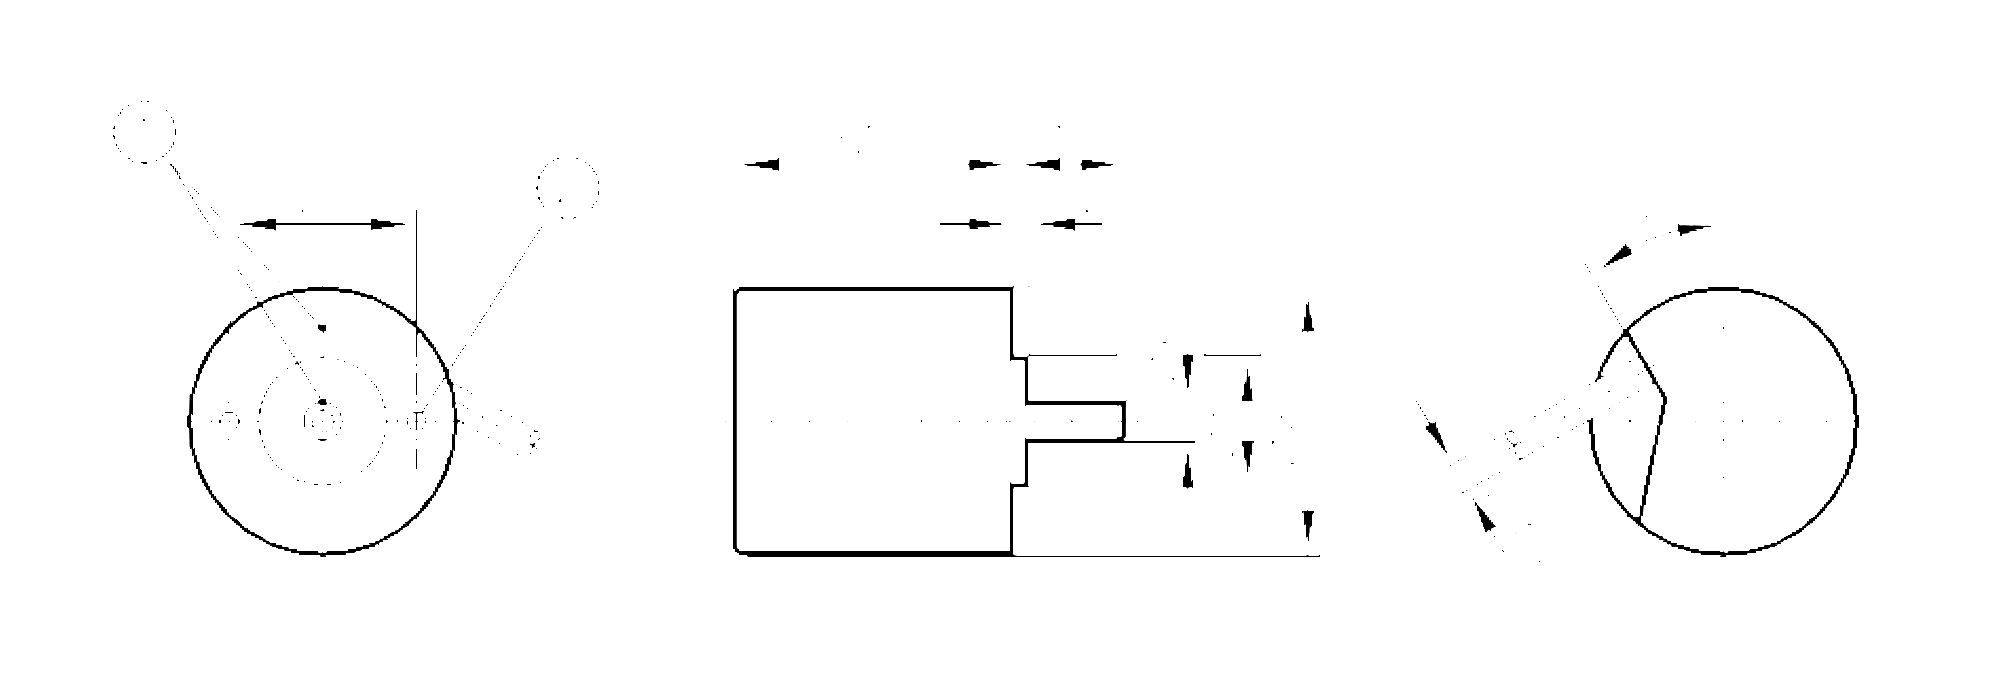 rb6007 - encoder incremental de eixo maci u00e7o